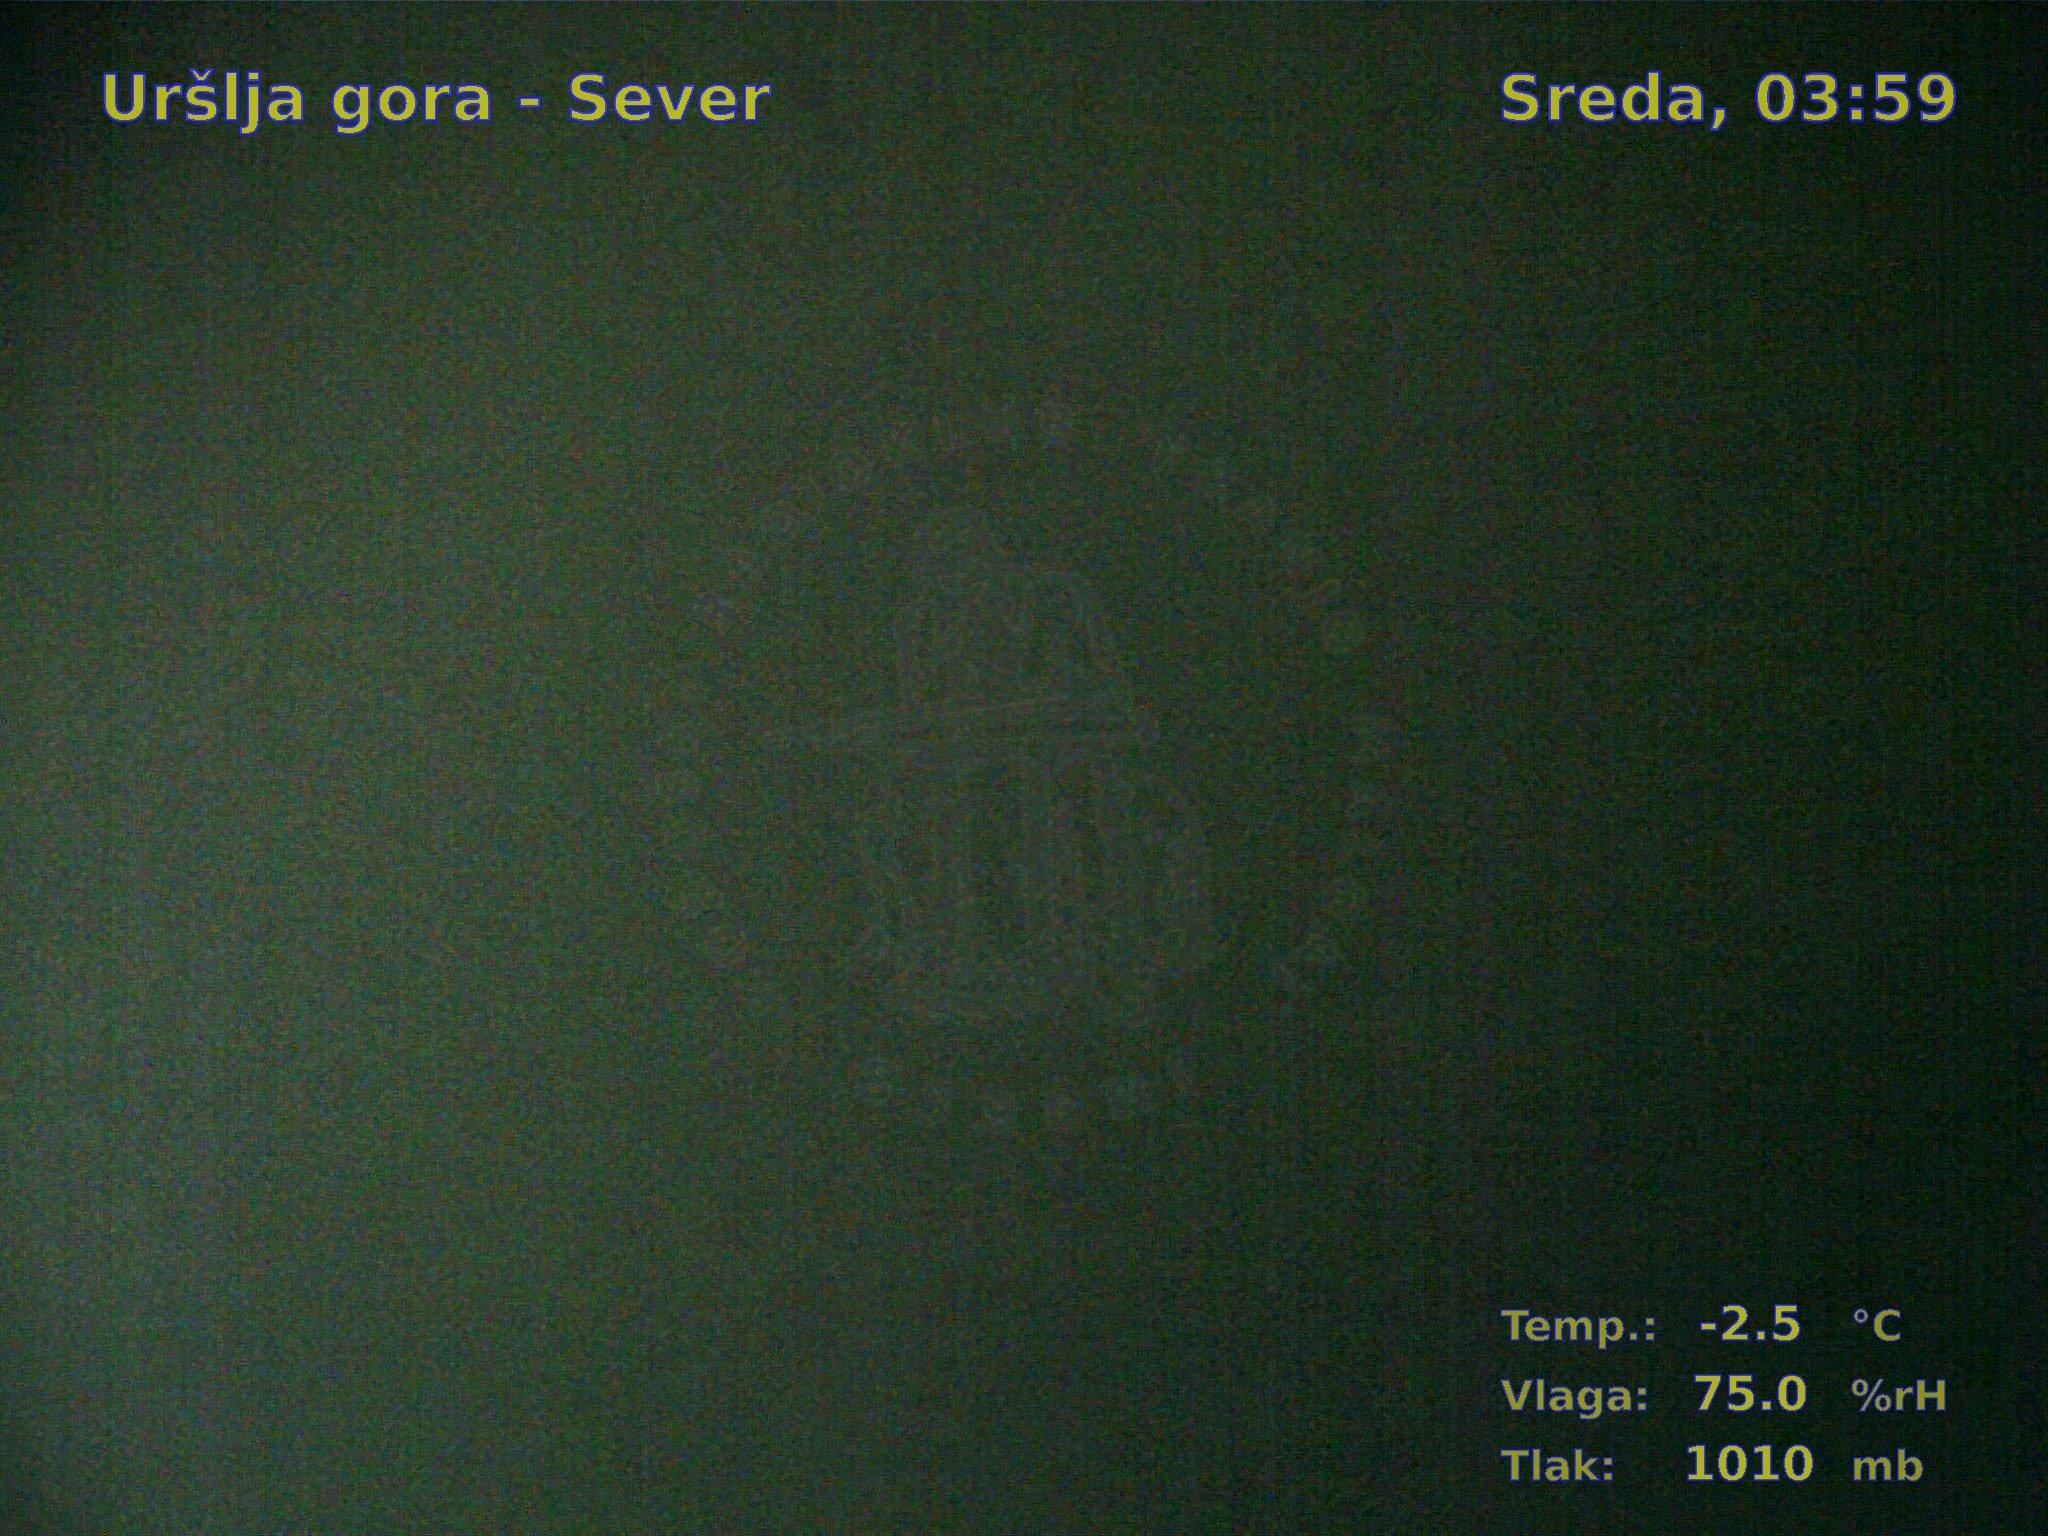 Uršlja gora-Sever, 03:00